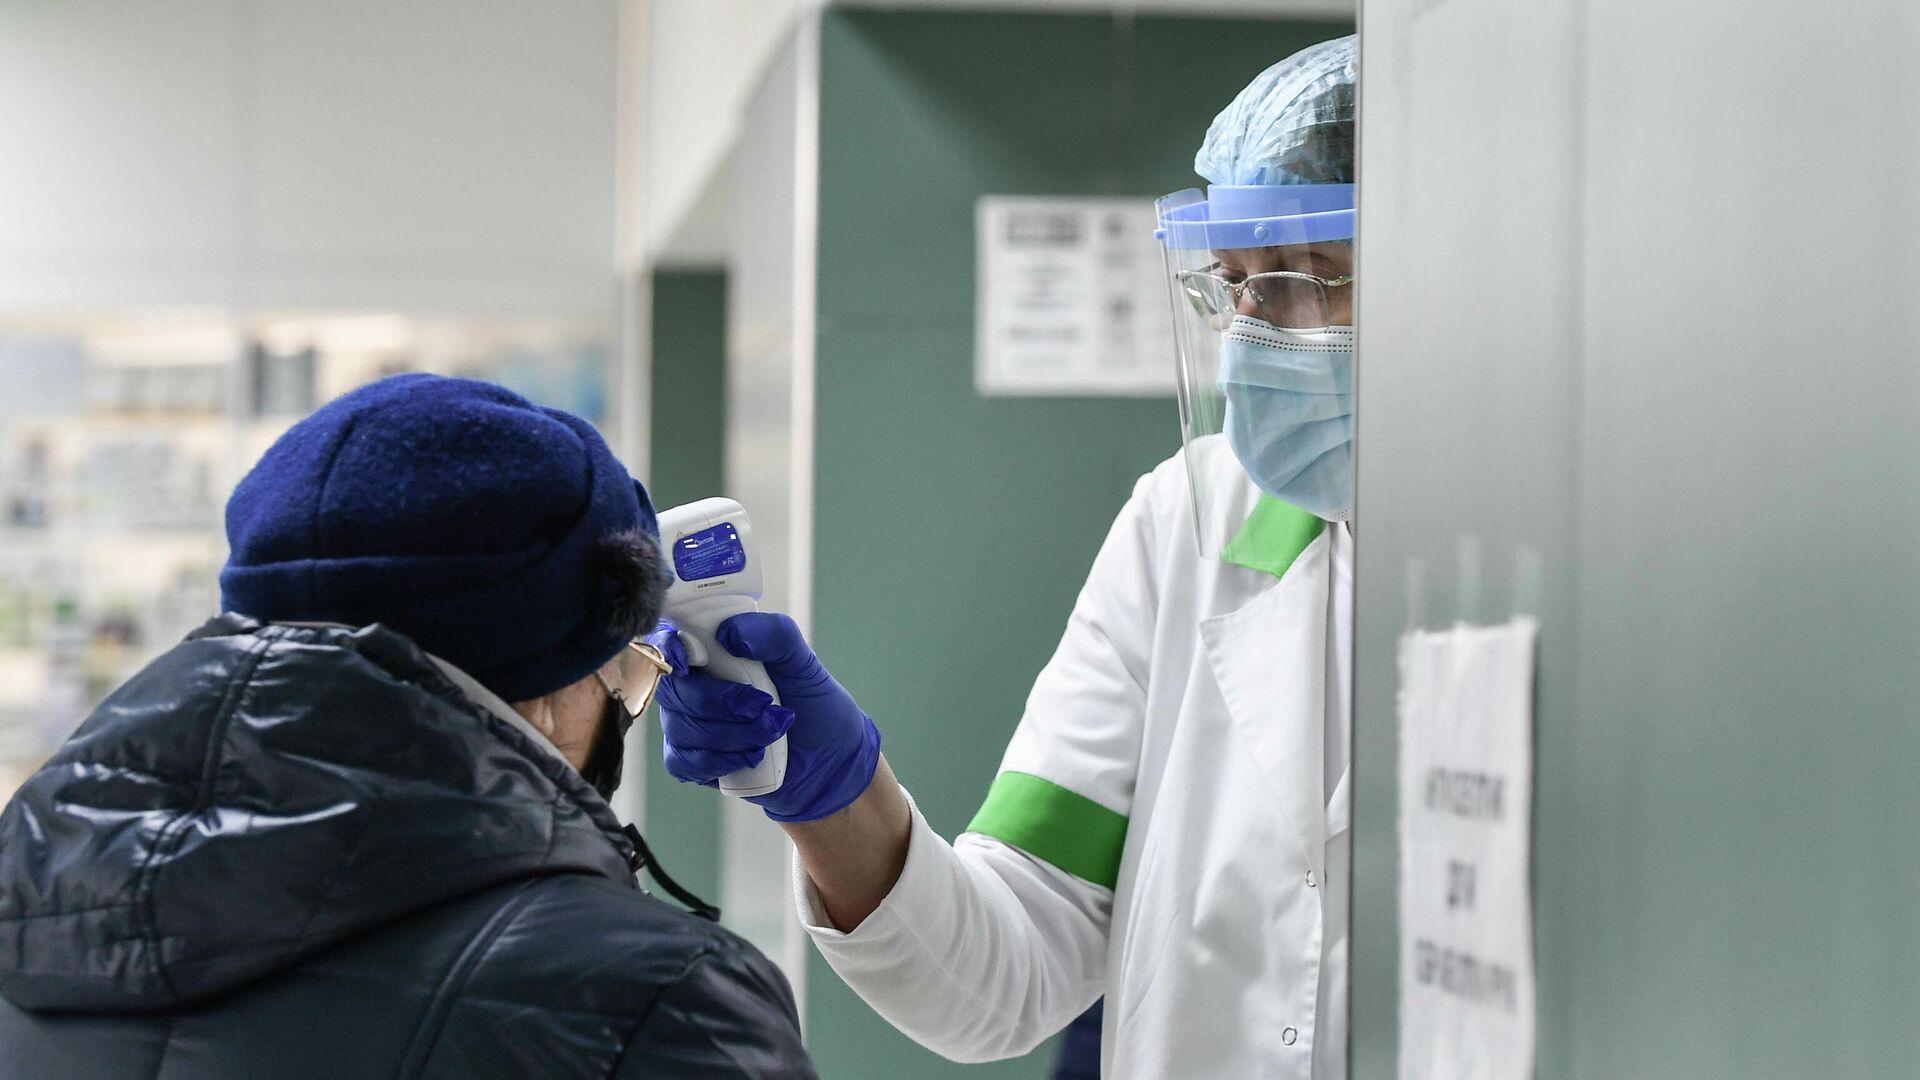 Медицинский работник проверяет температуру у пожилой женщины - РИА Новости, 1920, 13.01.2021